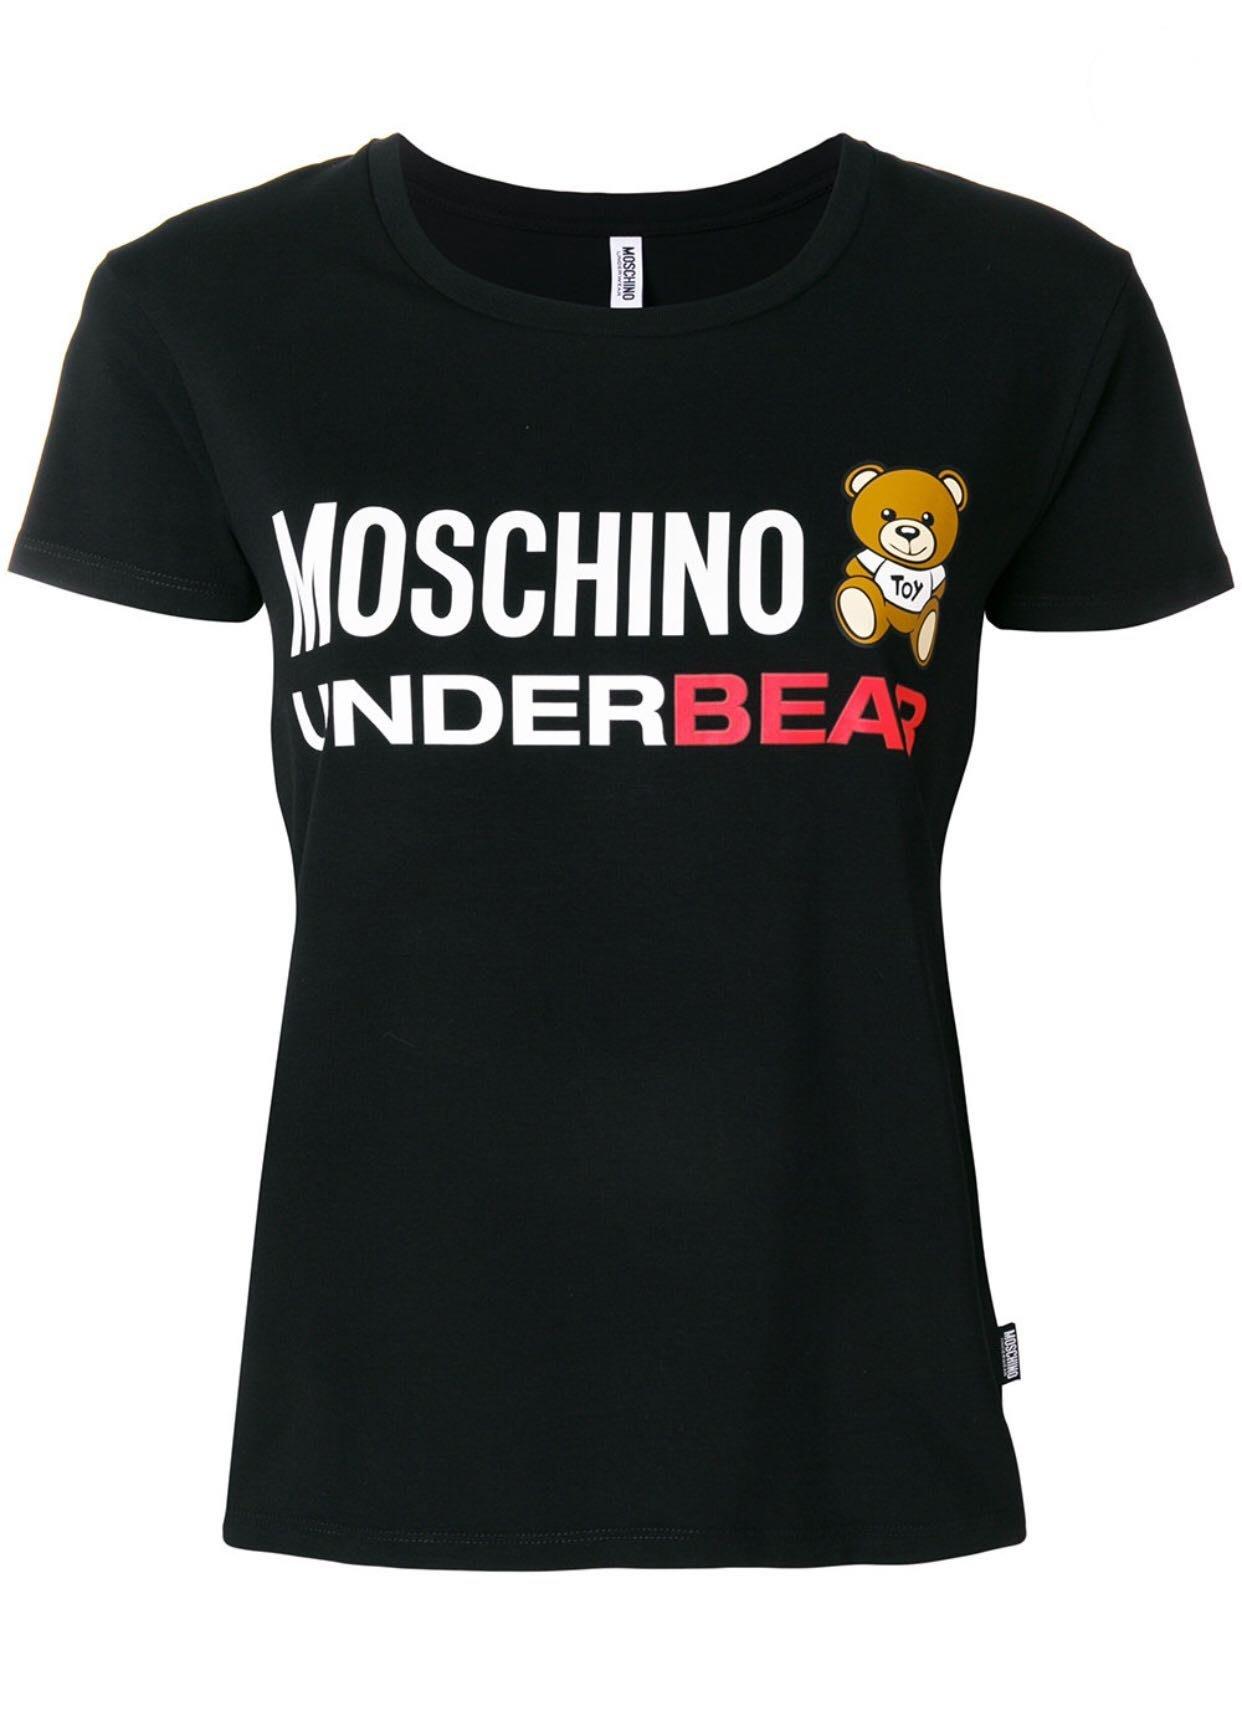 MOSCHINO UNDERBEAR T-SHIRT 玩具熊T恤